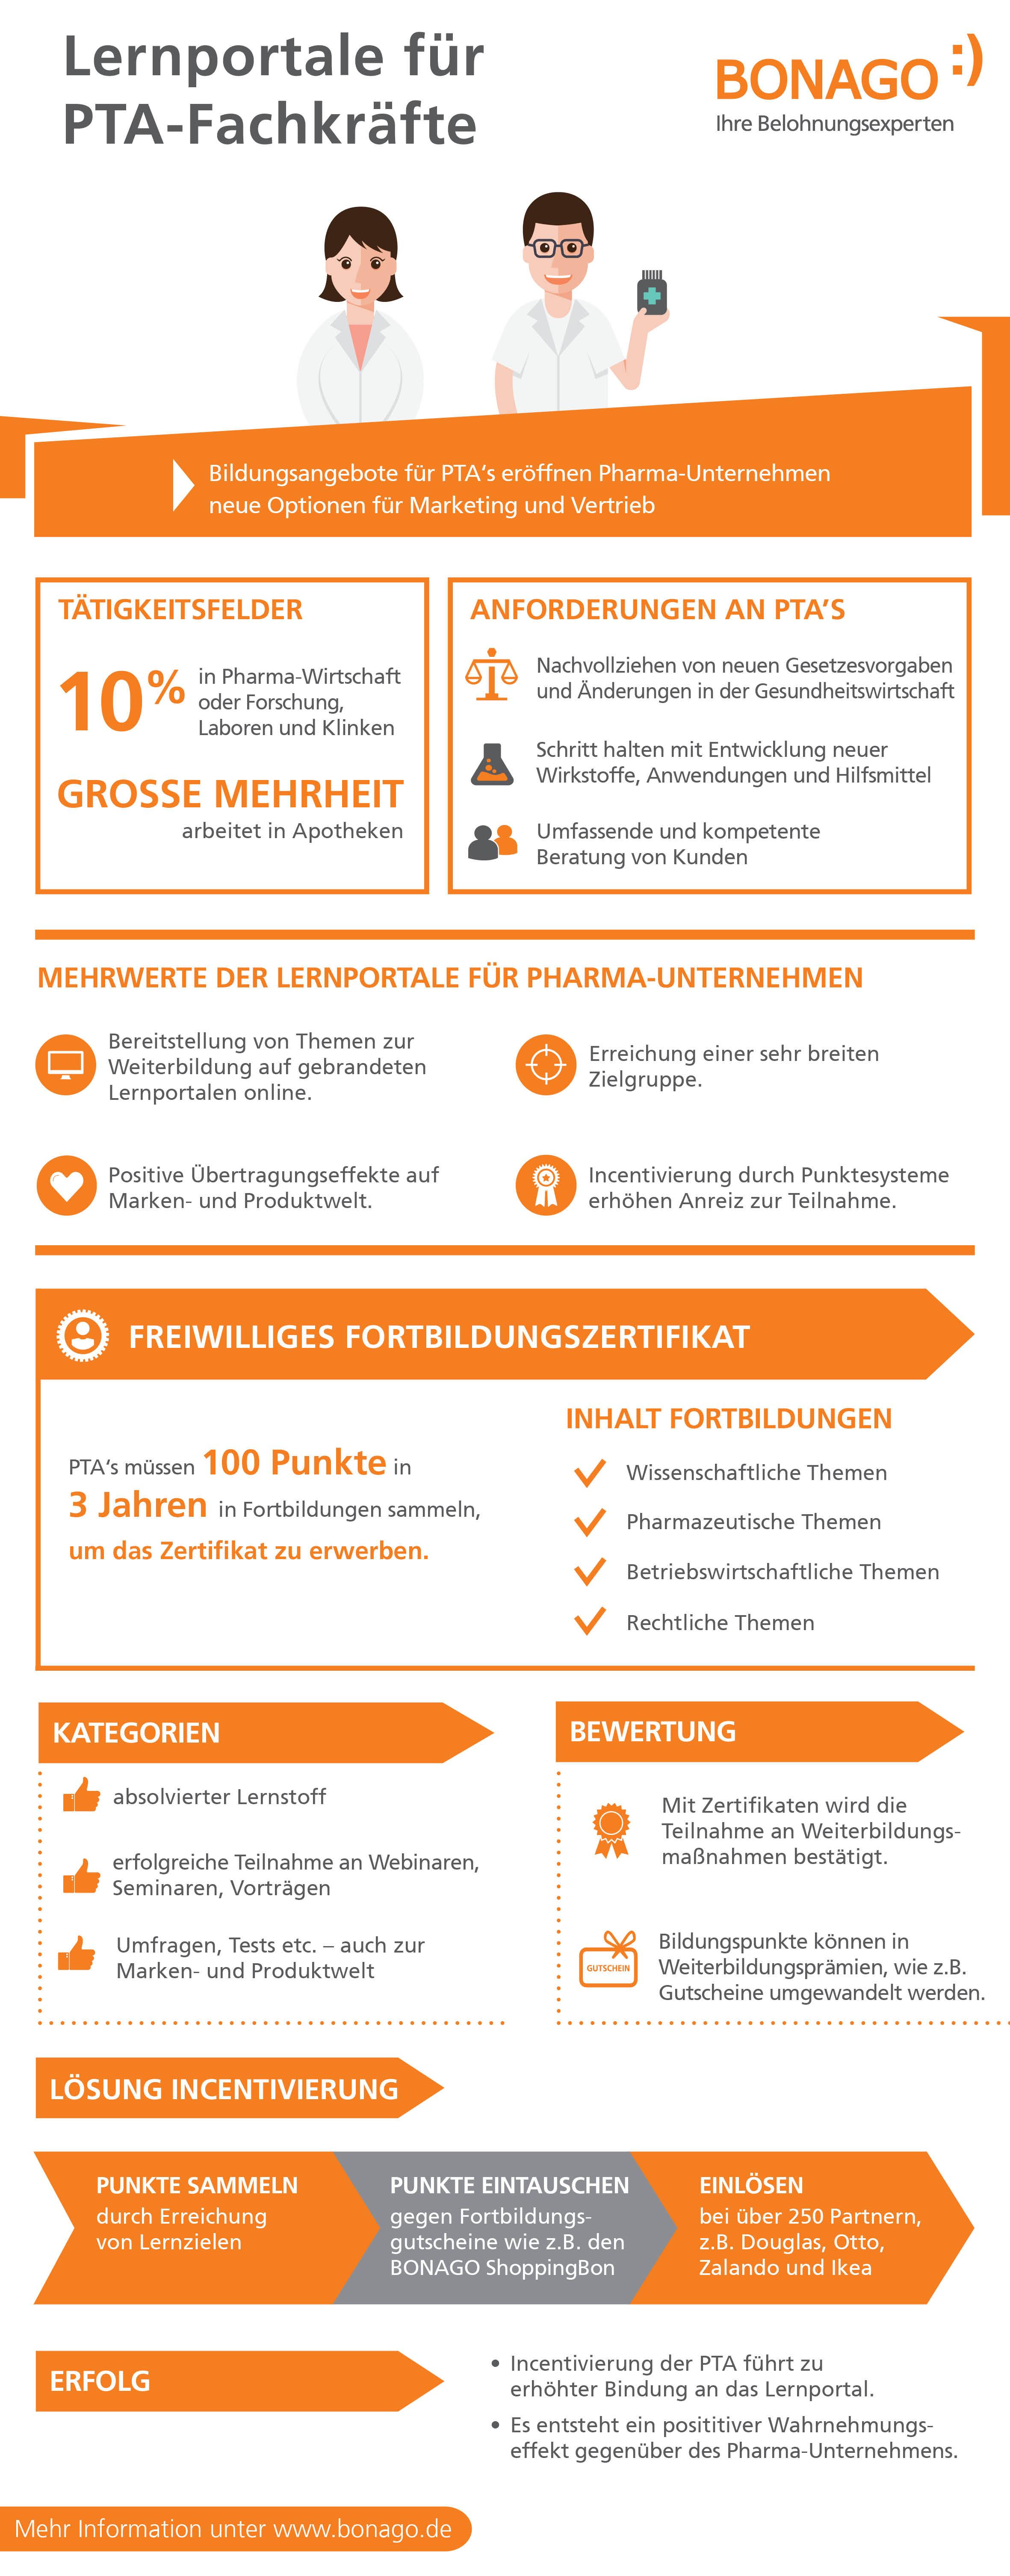 Infografik: Lernportale für PTA-Fachkräfte